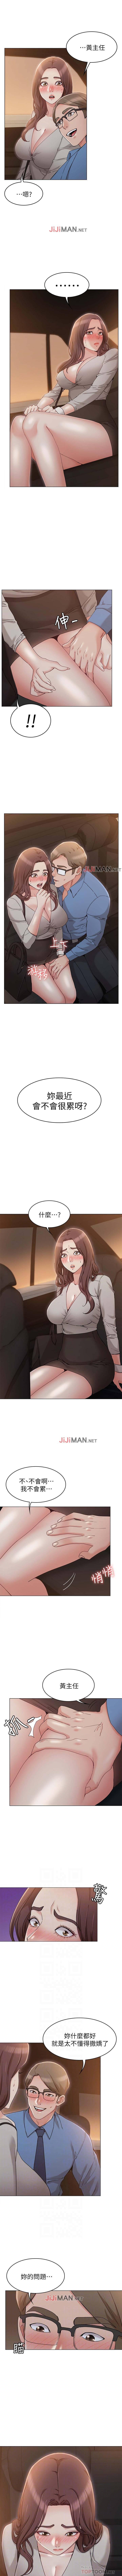 【周六连载】女友的姐姐(作者:橡果人&獵狗) 第1~23话 75